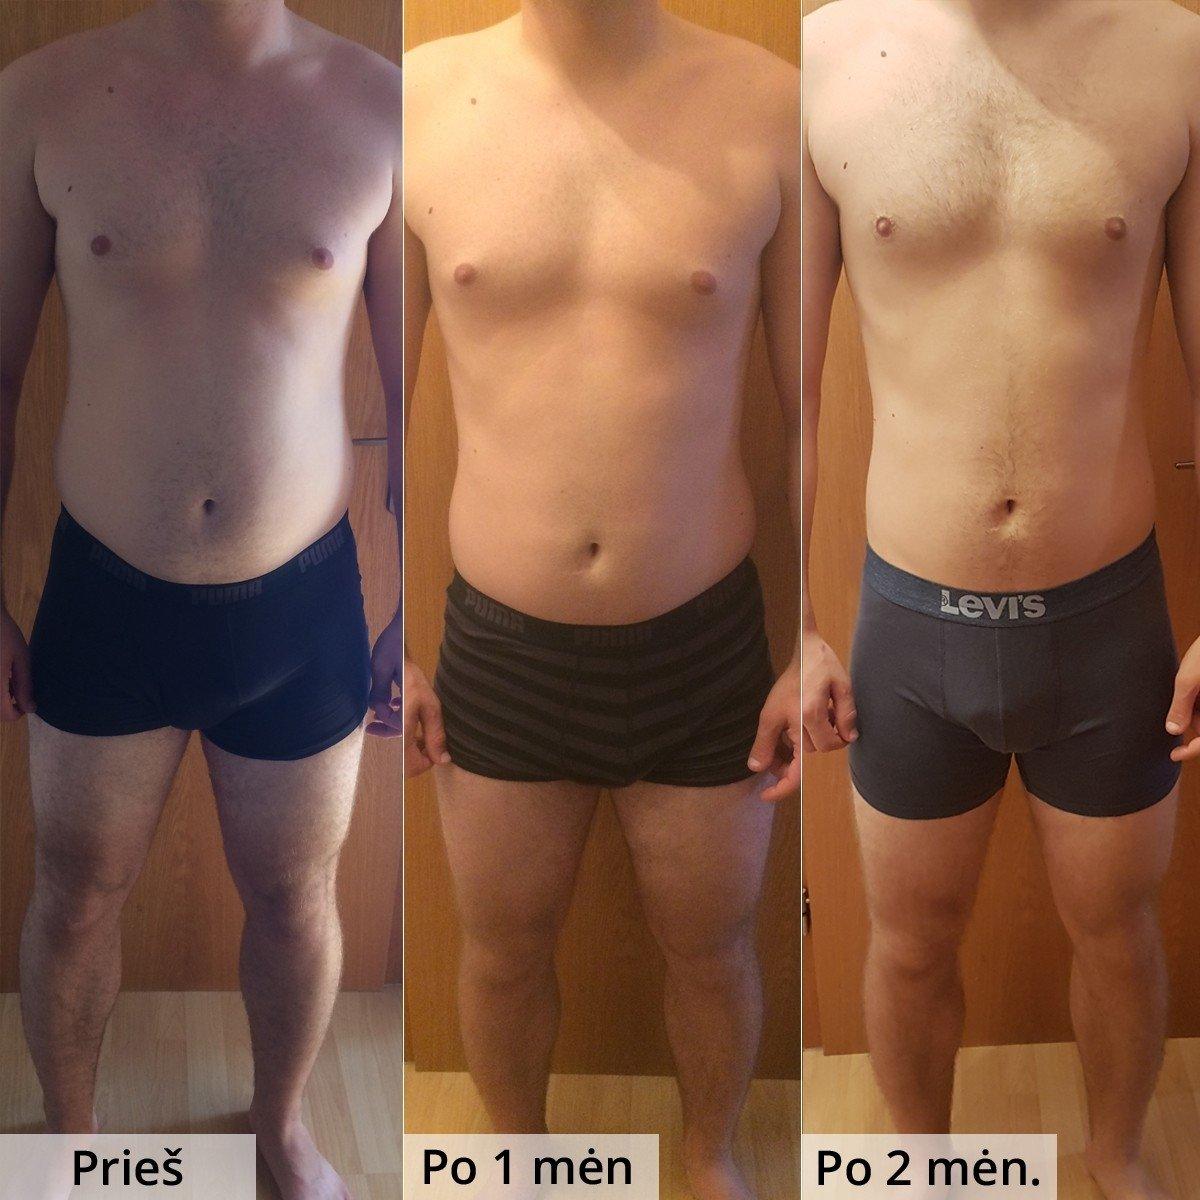 Ar galite numesti svorio būdamas 58?